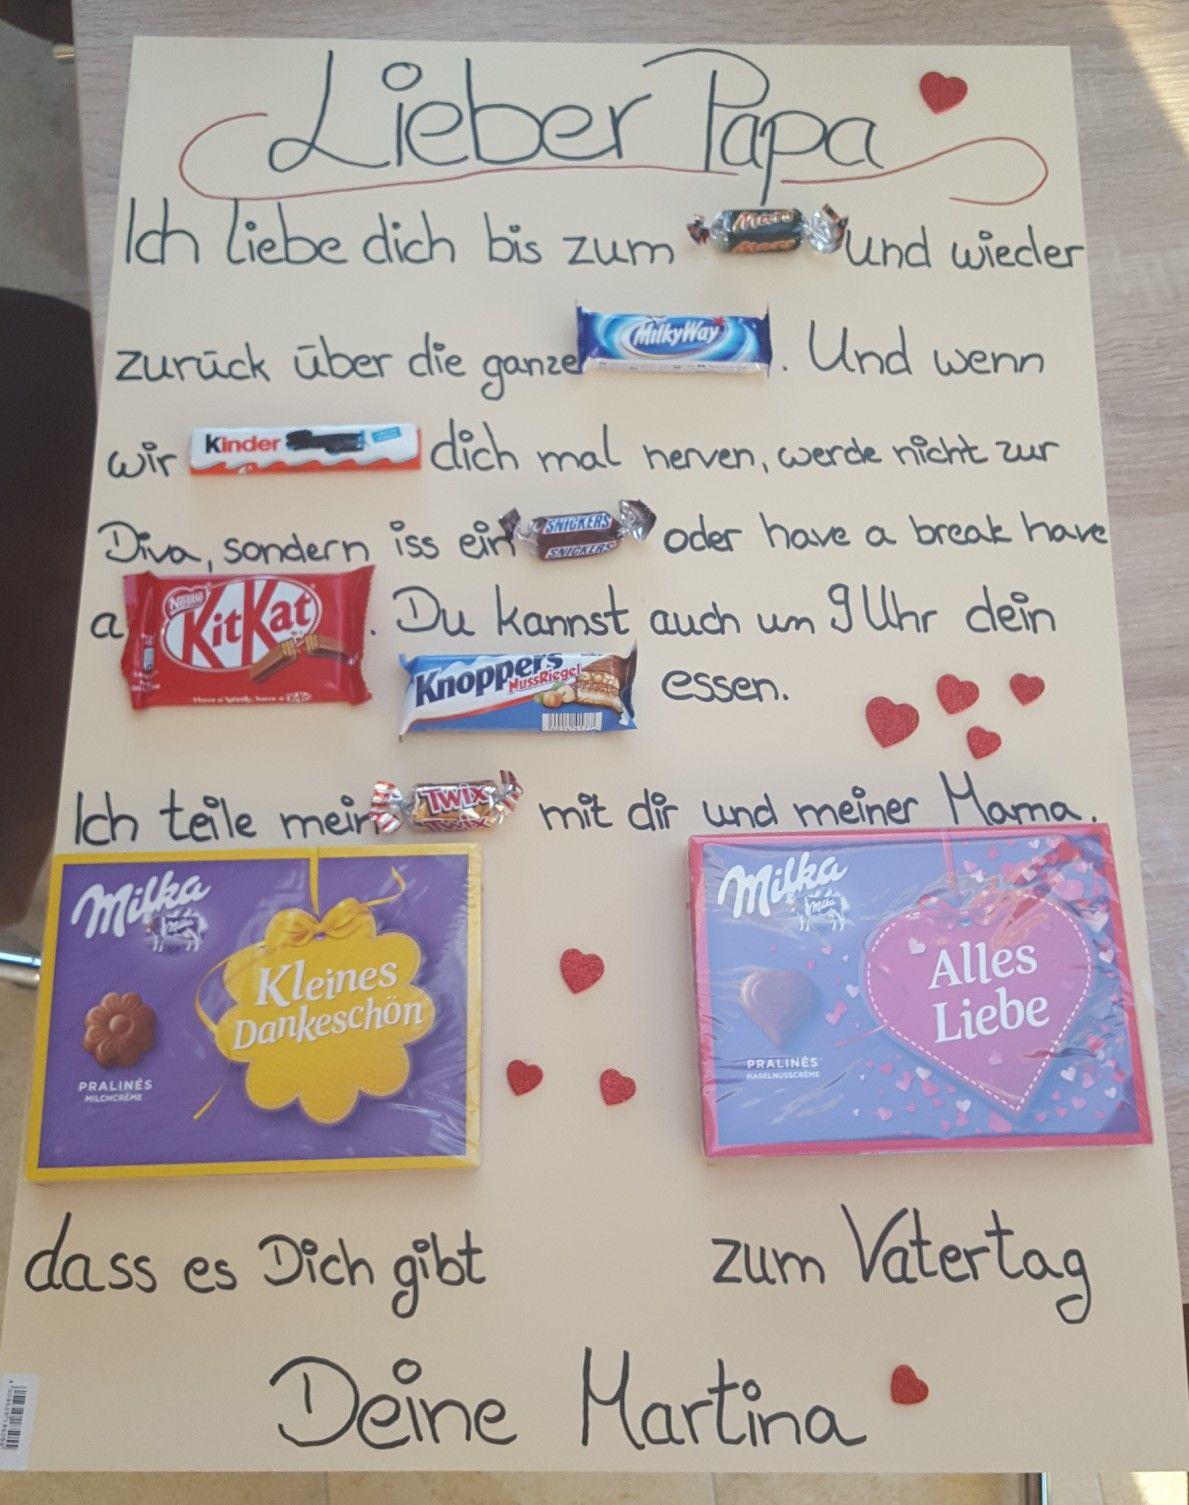 Vatertagsgeschenk#süßigkeiten# (Mit Bildern verwandt mit Vatertag Geschenkideen Zum Selber Machen